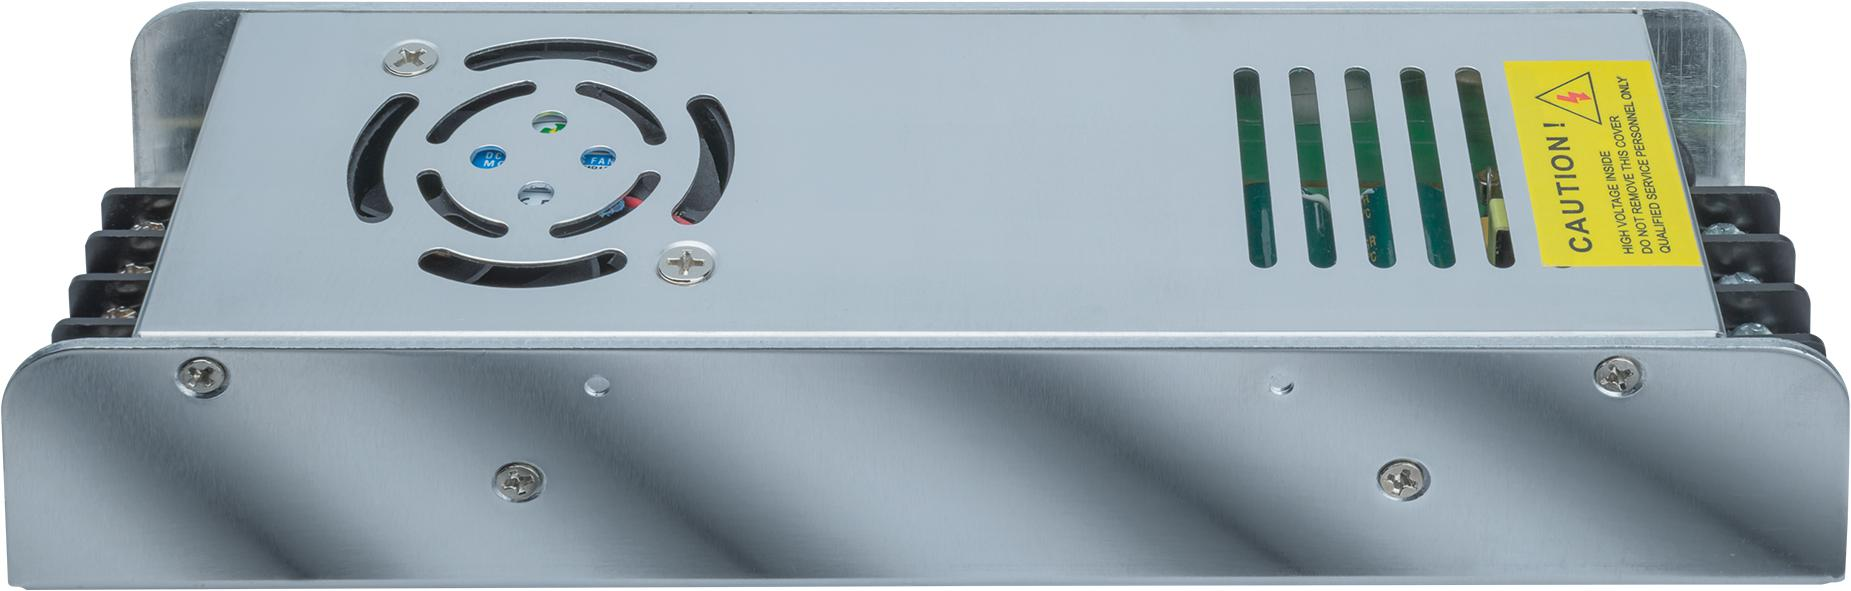 лучшая цена Драйвер Navigator 71 491 nd-p250-ip20-12v